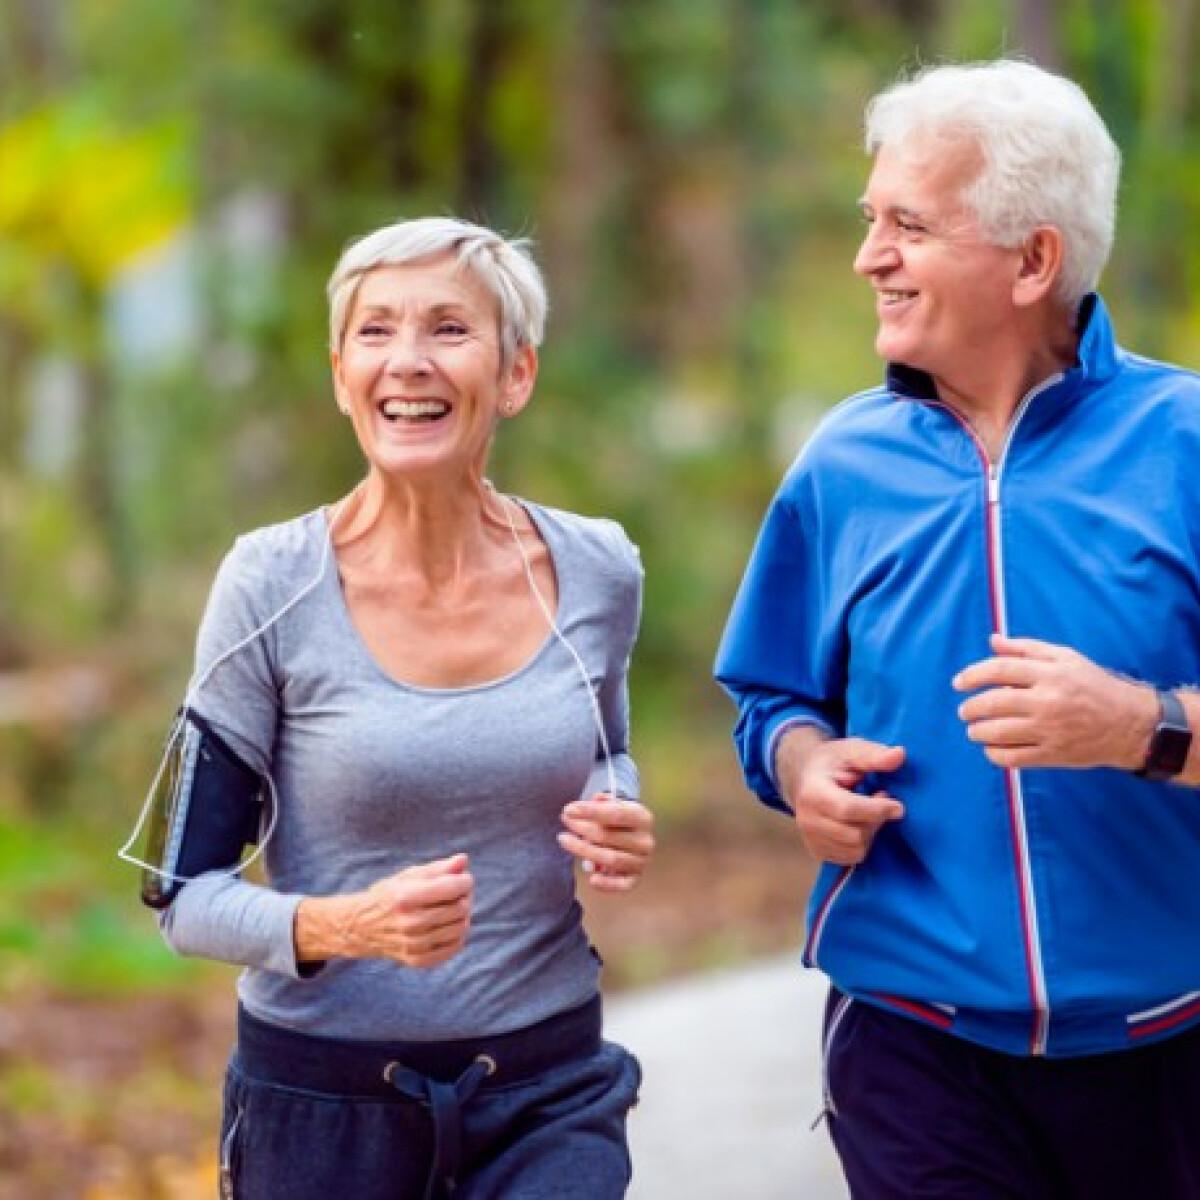 Ha te is azt hitted, túl öreg vagy a sportoláshoz, akkor van egy rossz hírünk